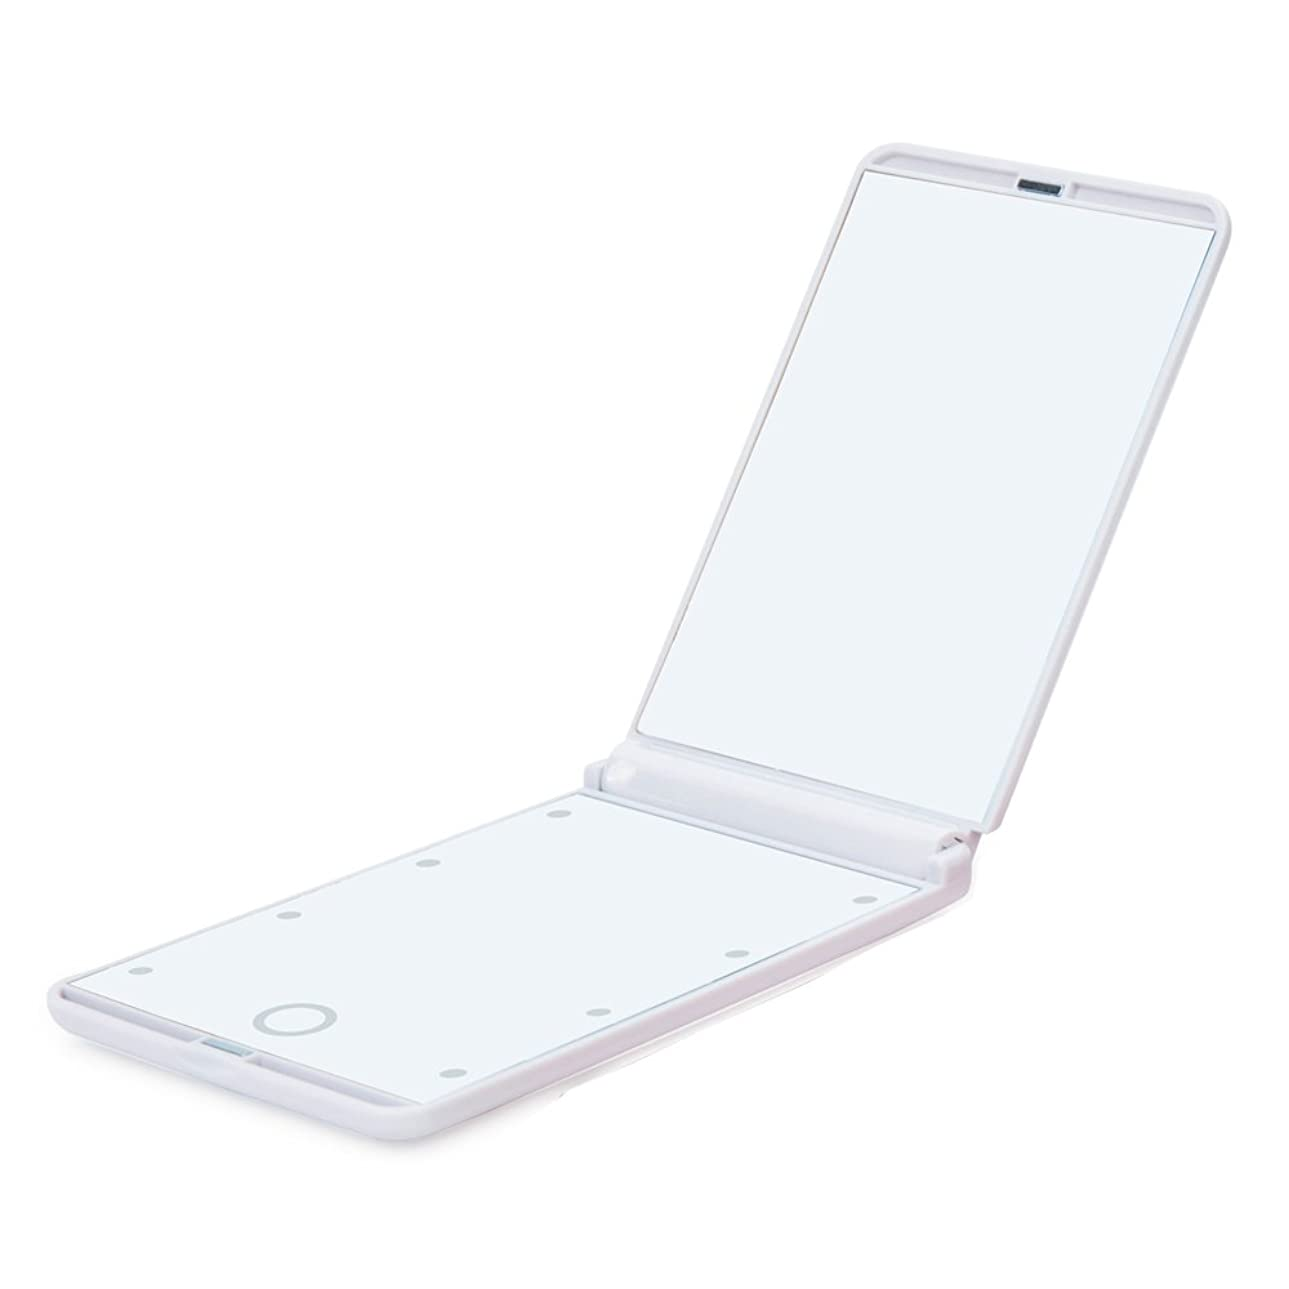 解読する租界戻すled化粧鏡 8LEDライト付き 折りたたみ コンパクト 角型タイプ 持ち運び便利 2倍拡大鏡付 ホワイト